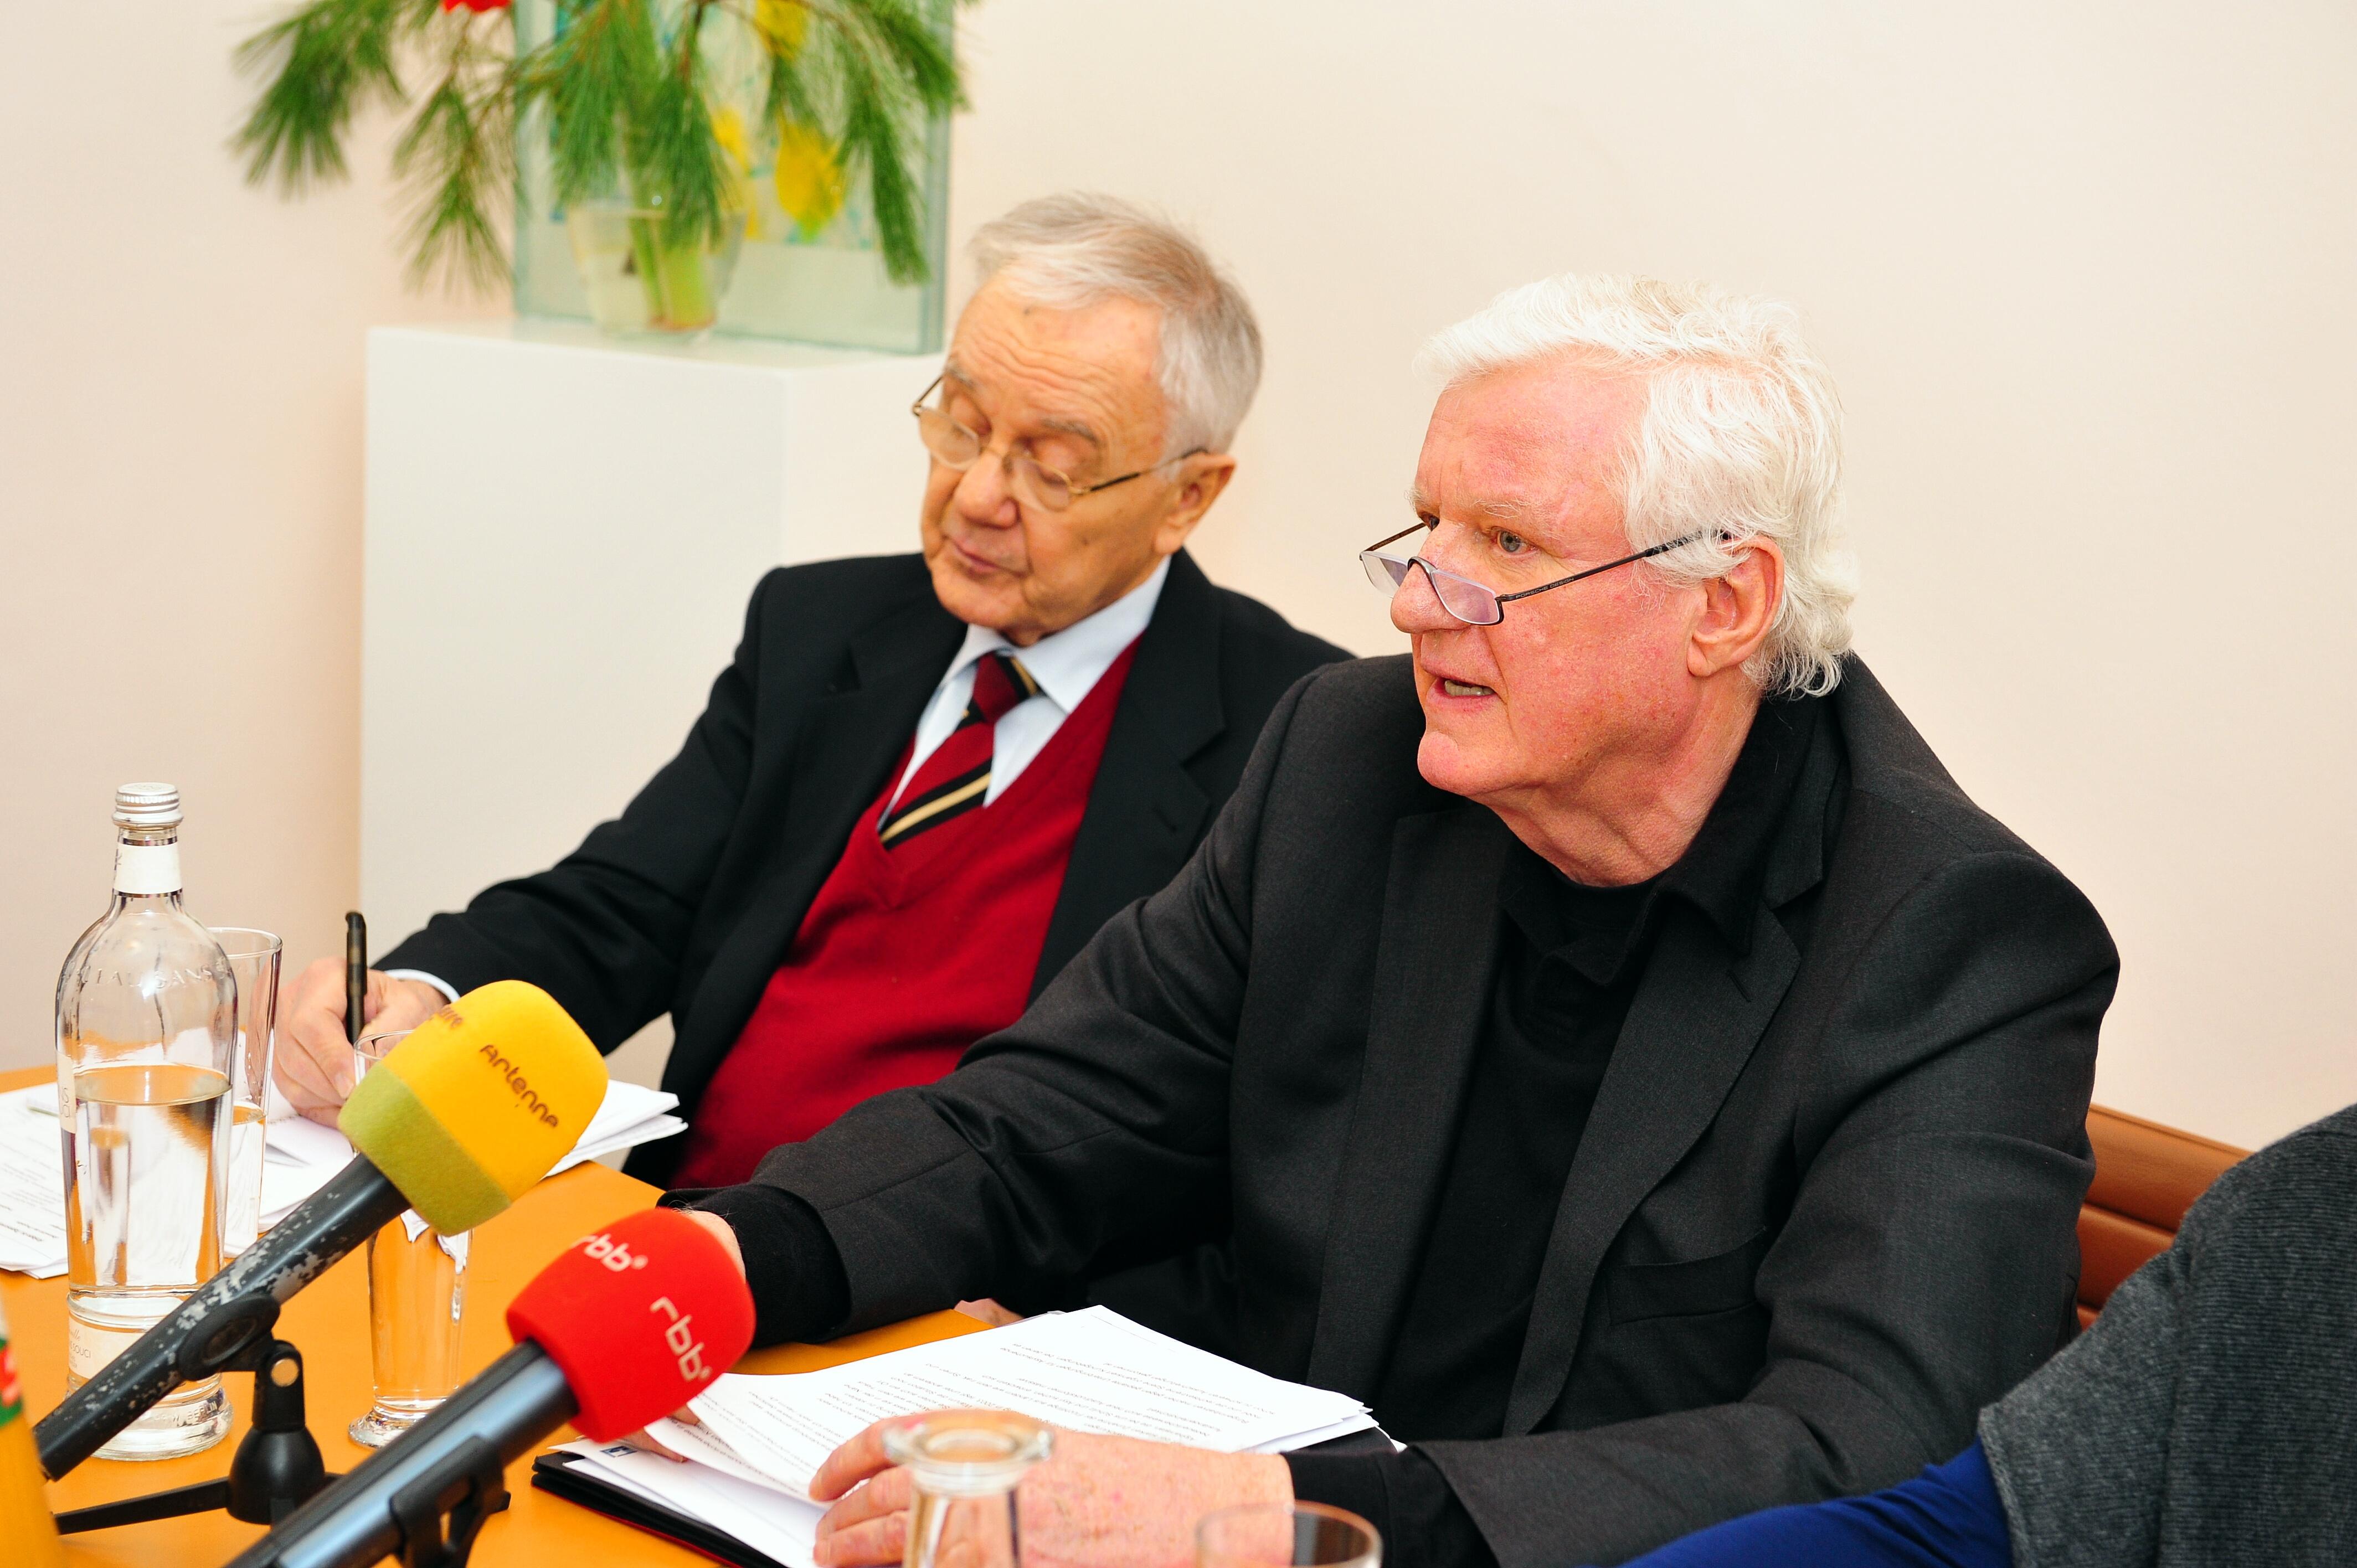 Stiftungsratssitzung der F. C. Flick Stiftung am 3. Dezember 2014